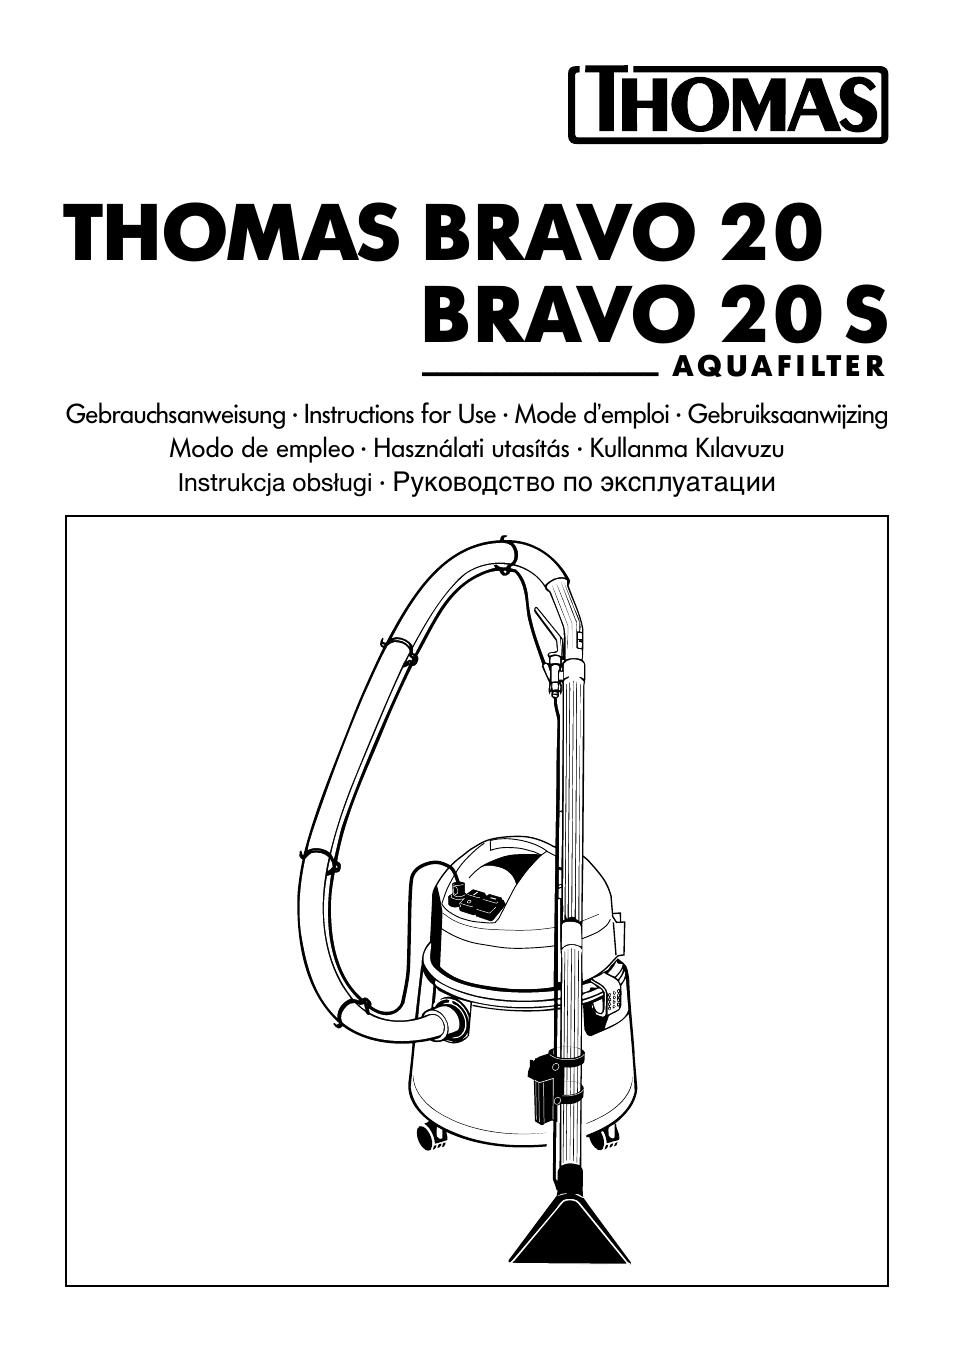 Thomas bravo 20 bravo 20 s